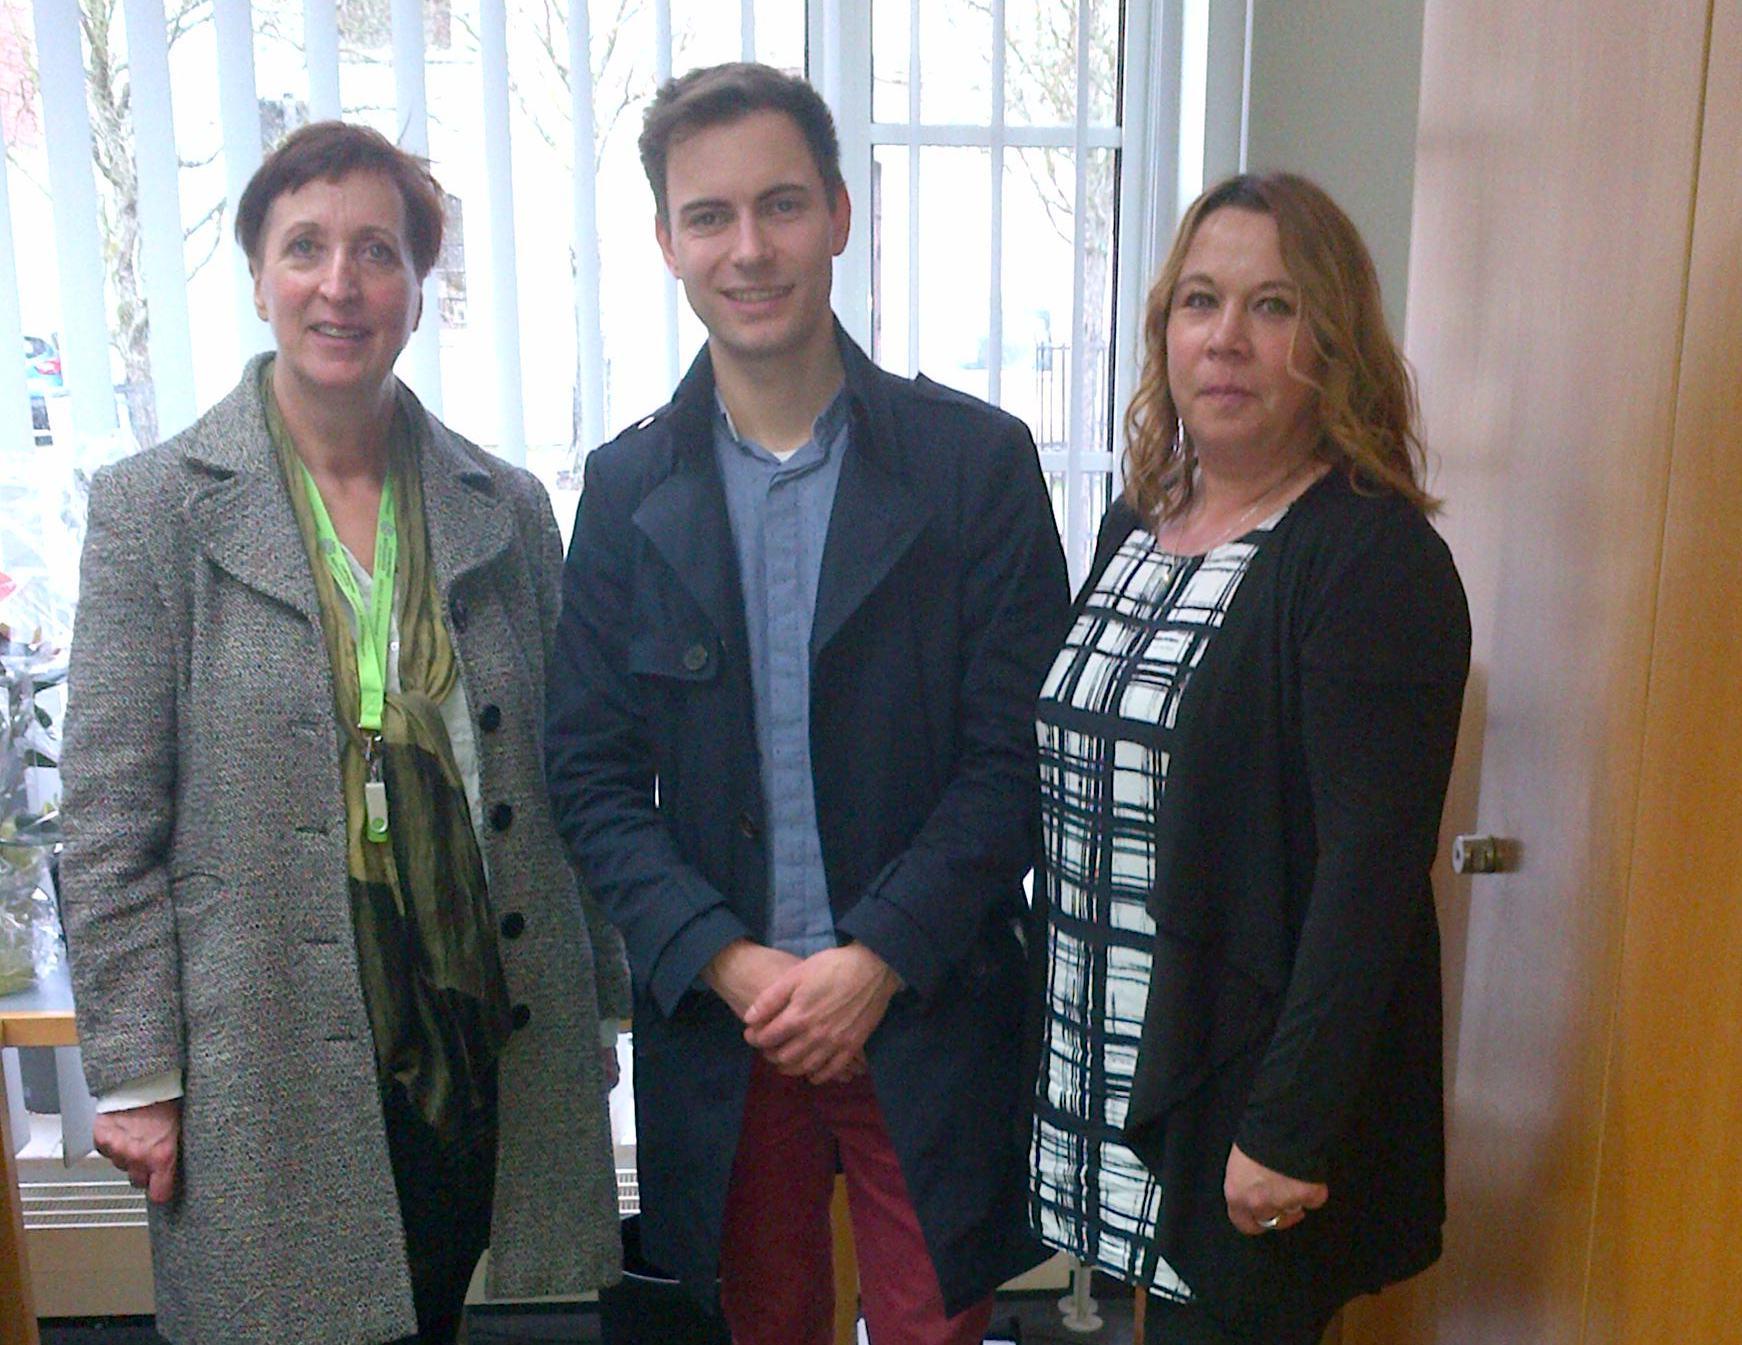 v.l.: Heidi Brandt (Geschäftsführerin); Maik Klotzbach (Vereinsmitglied, SPD Wartburgkreis), Kerstin Winter (Mitarbeiterin)